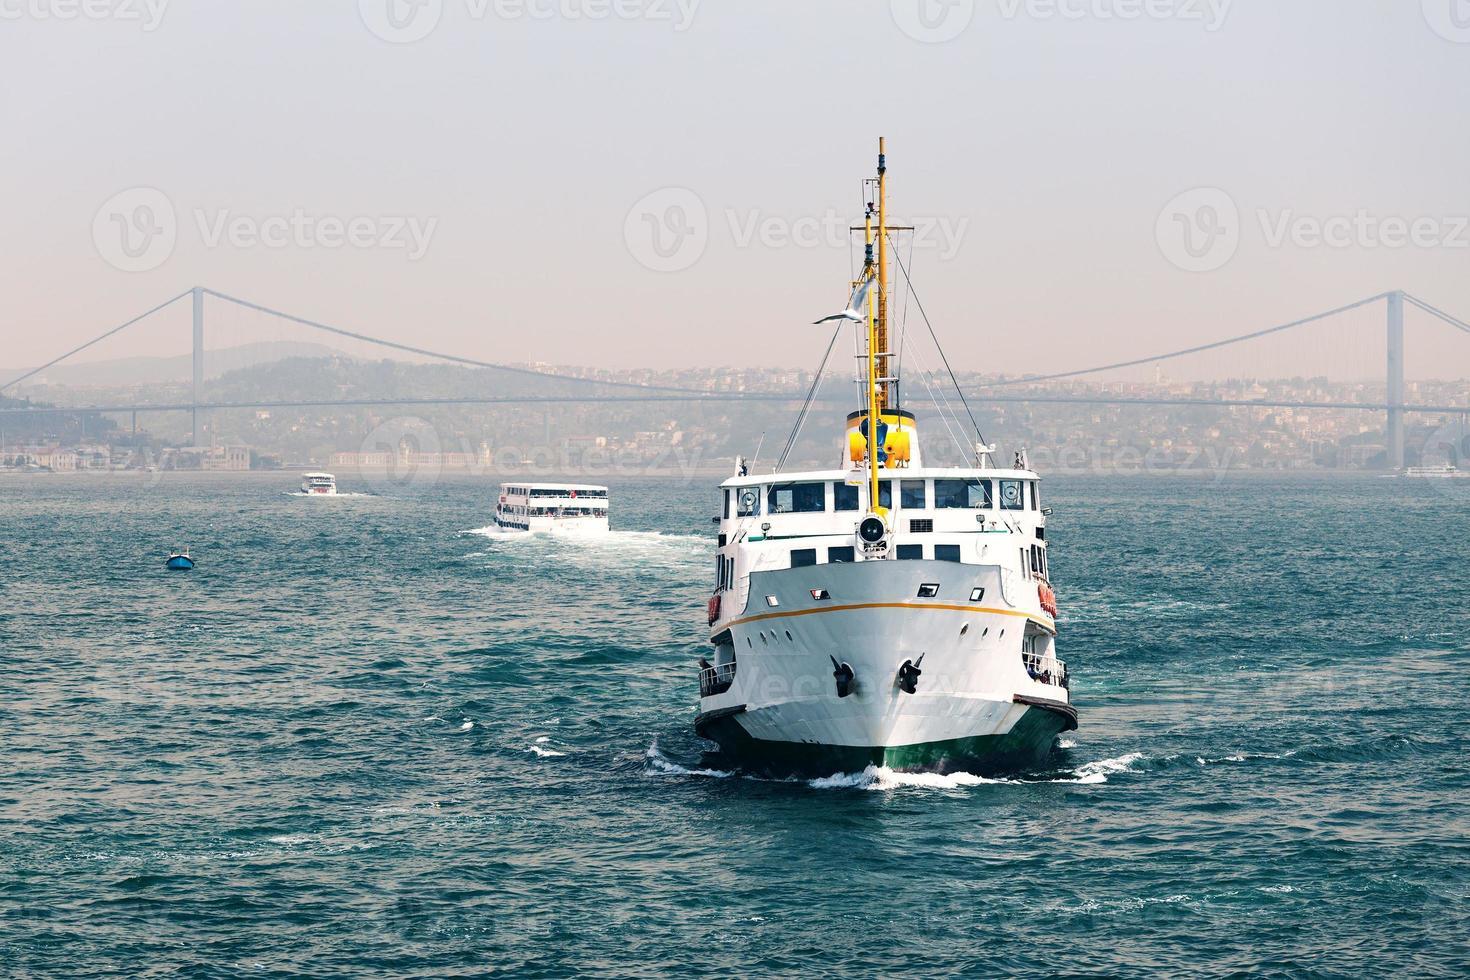 buques de pasaje en el estrecho del bósforo foto